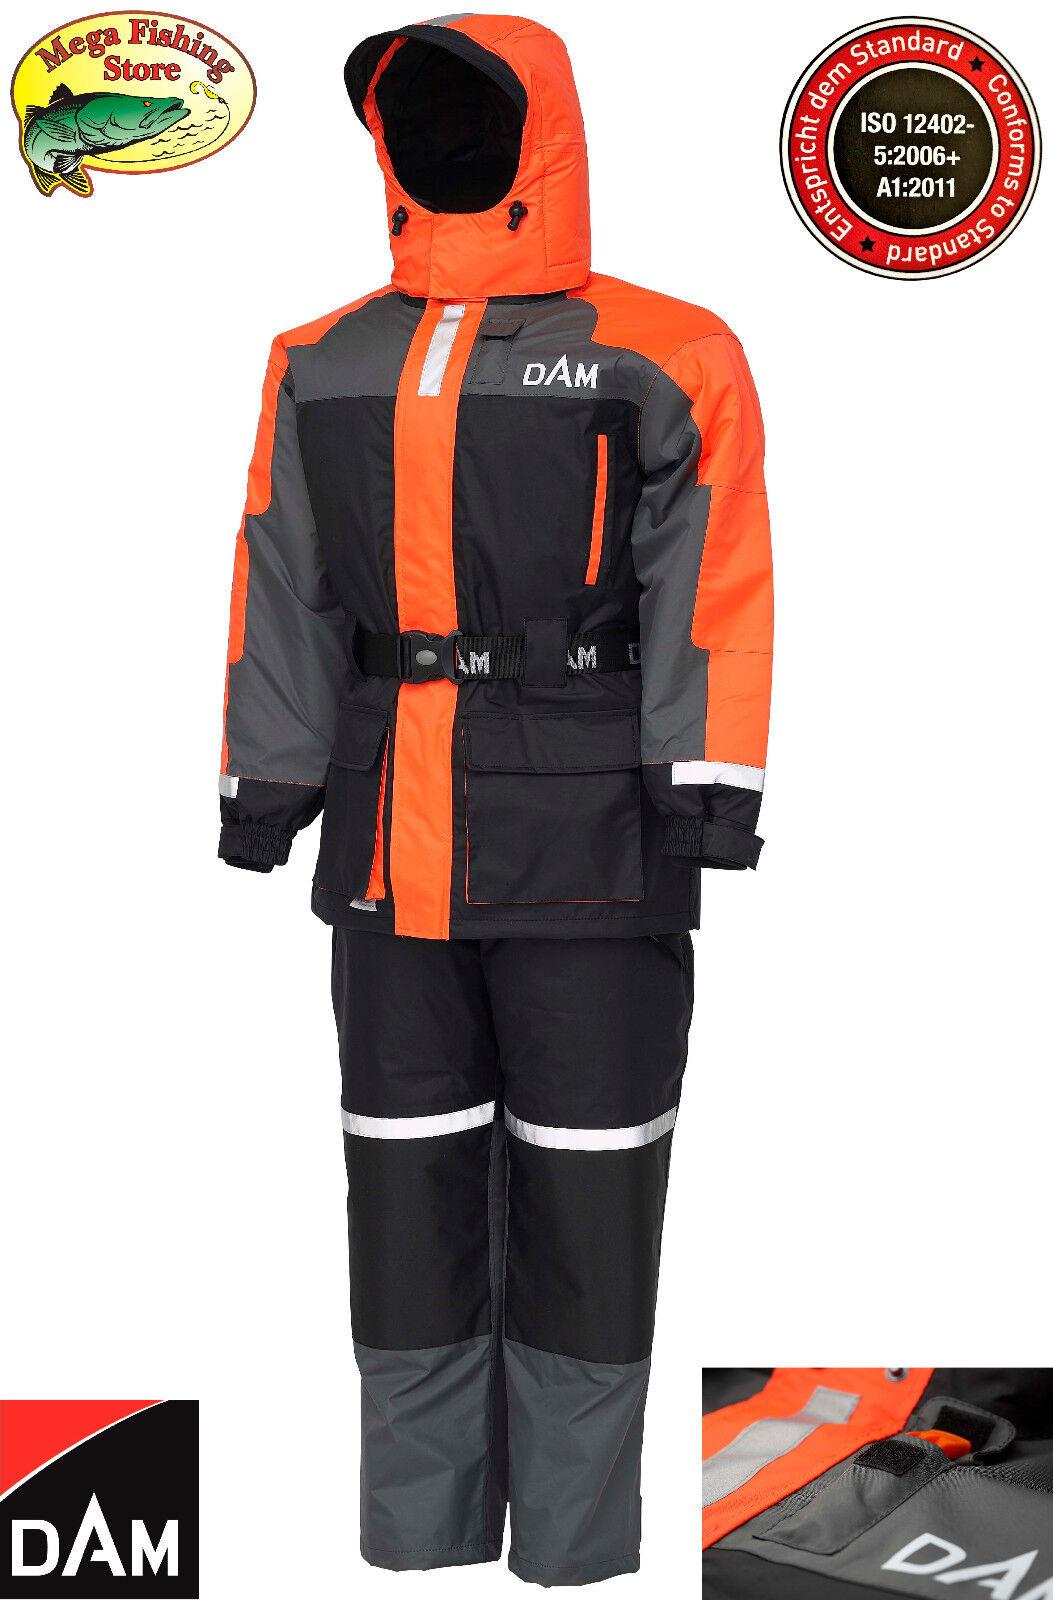 Dam outbreak flotación Suit 2-divisores-Jugara floatinganzug Noruega